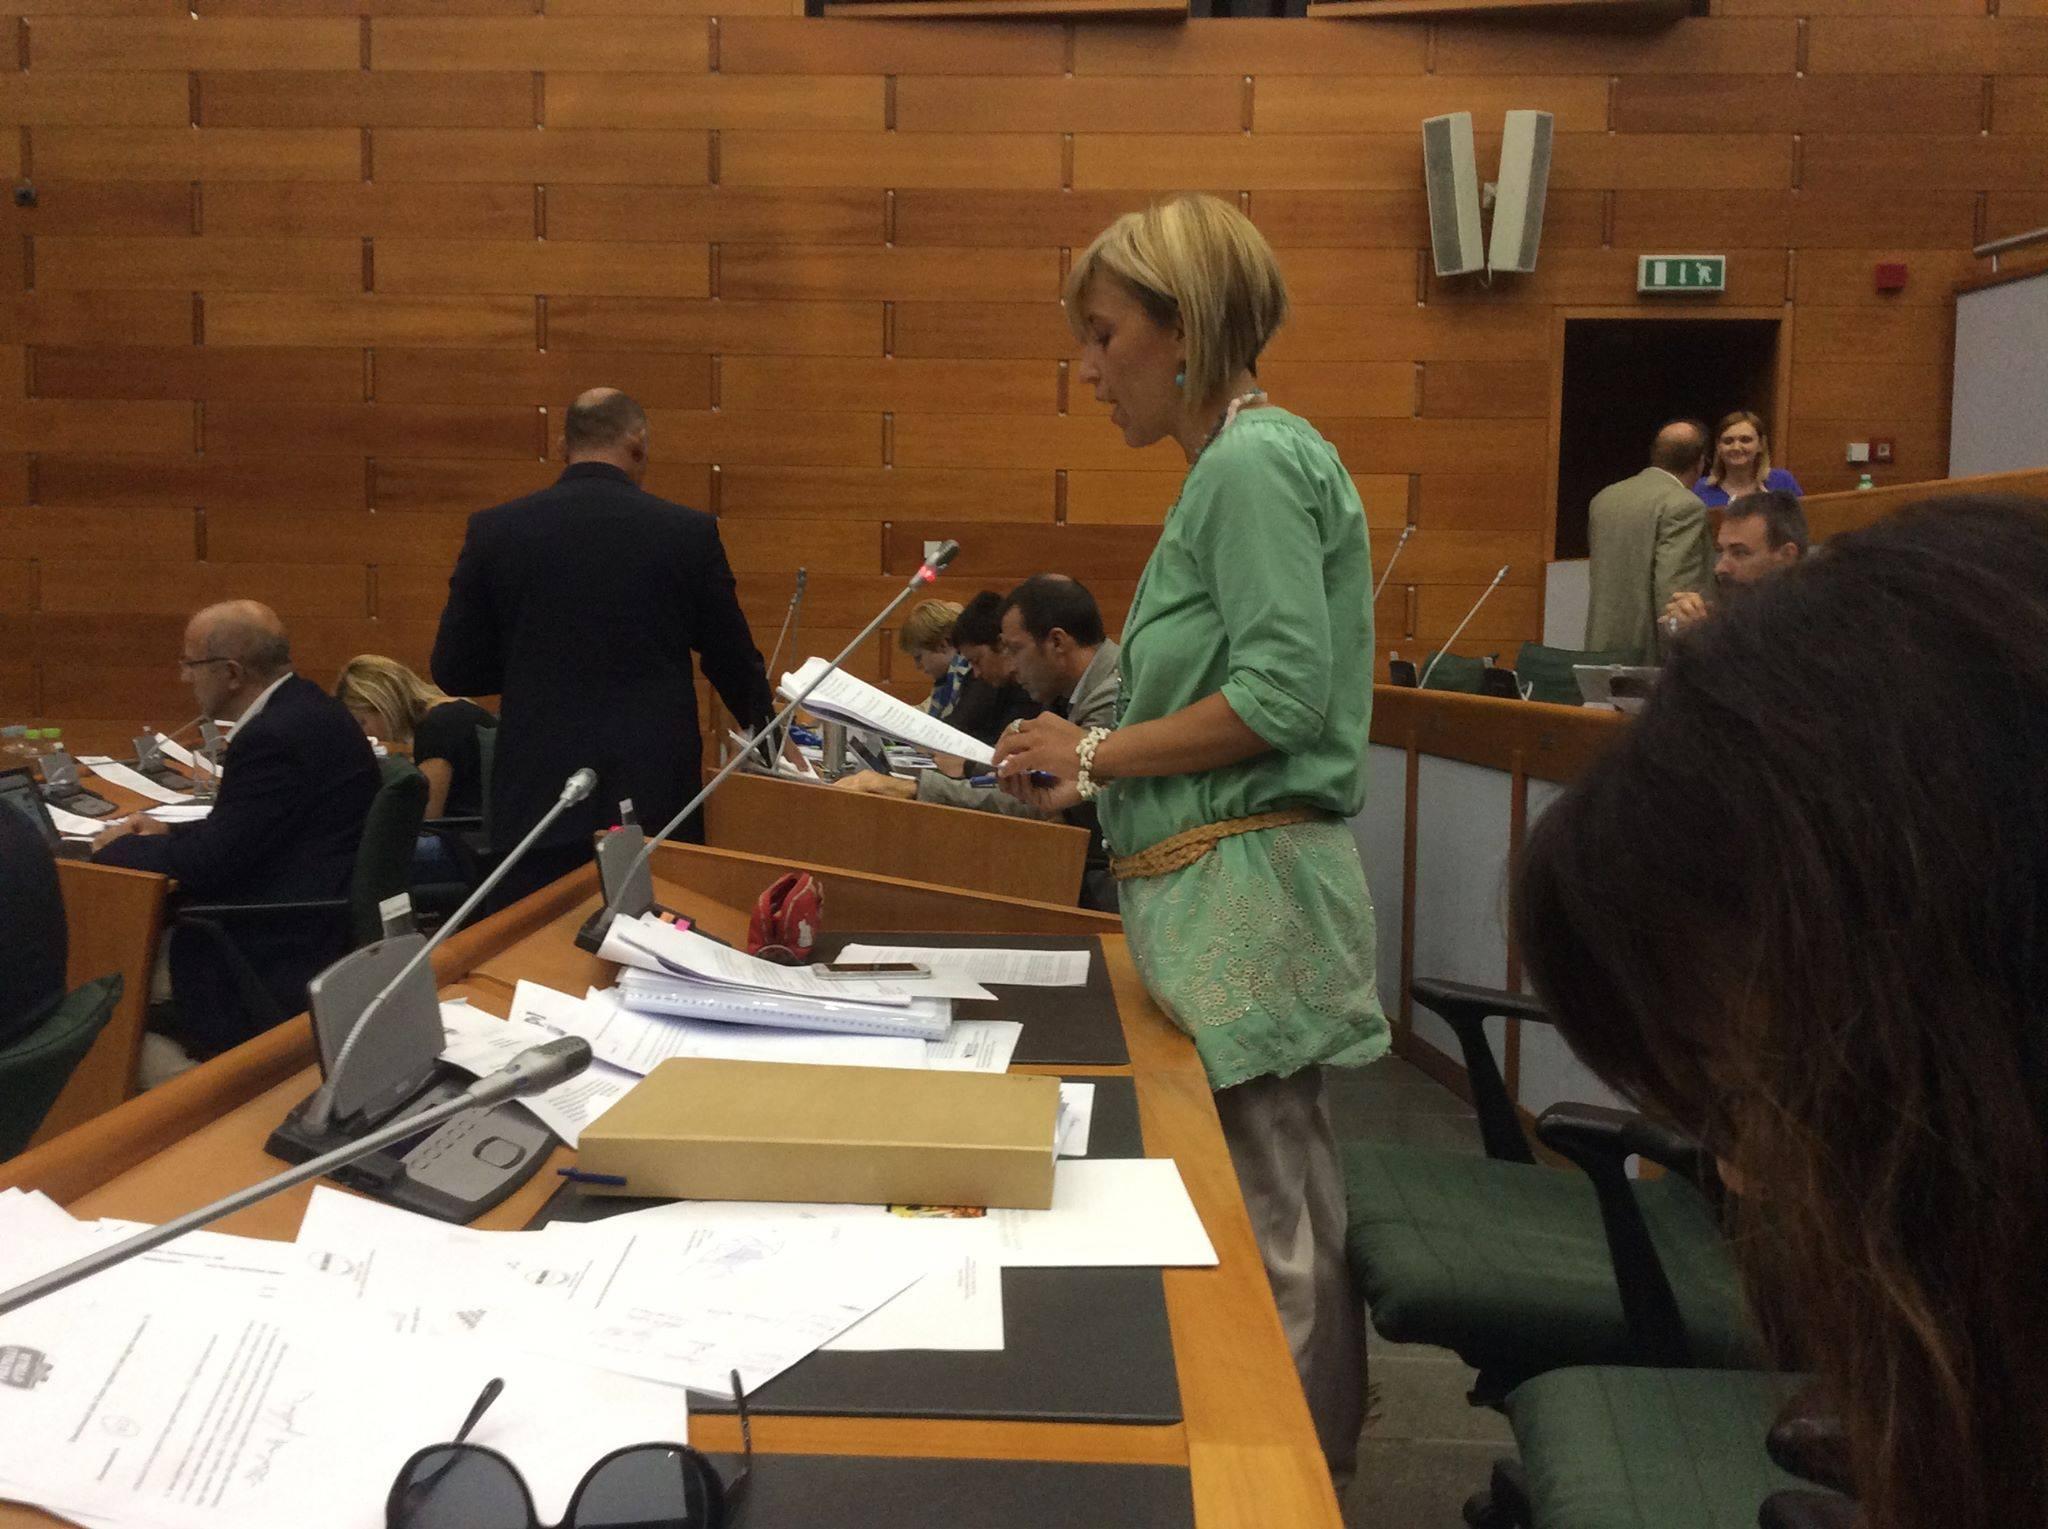 """Francesca Marchetti: """"Aiutare le persone fragili a inserirsi nel mondo del lavoro. Perché nessuno resti solo"""""""